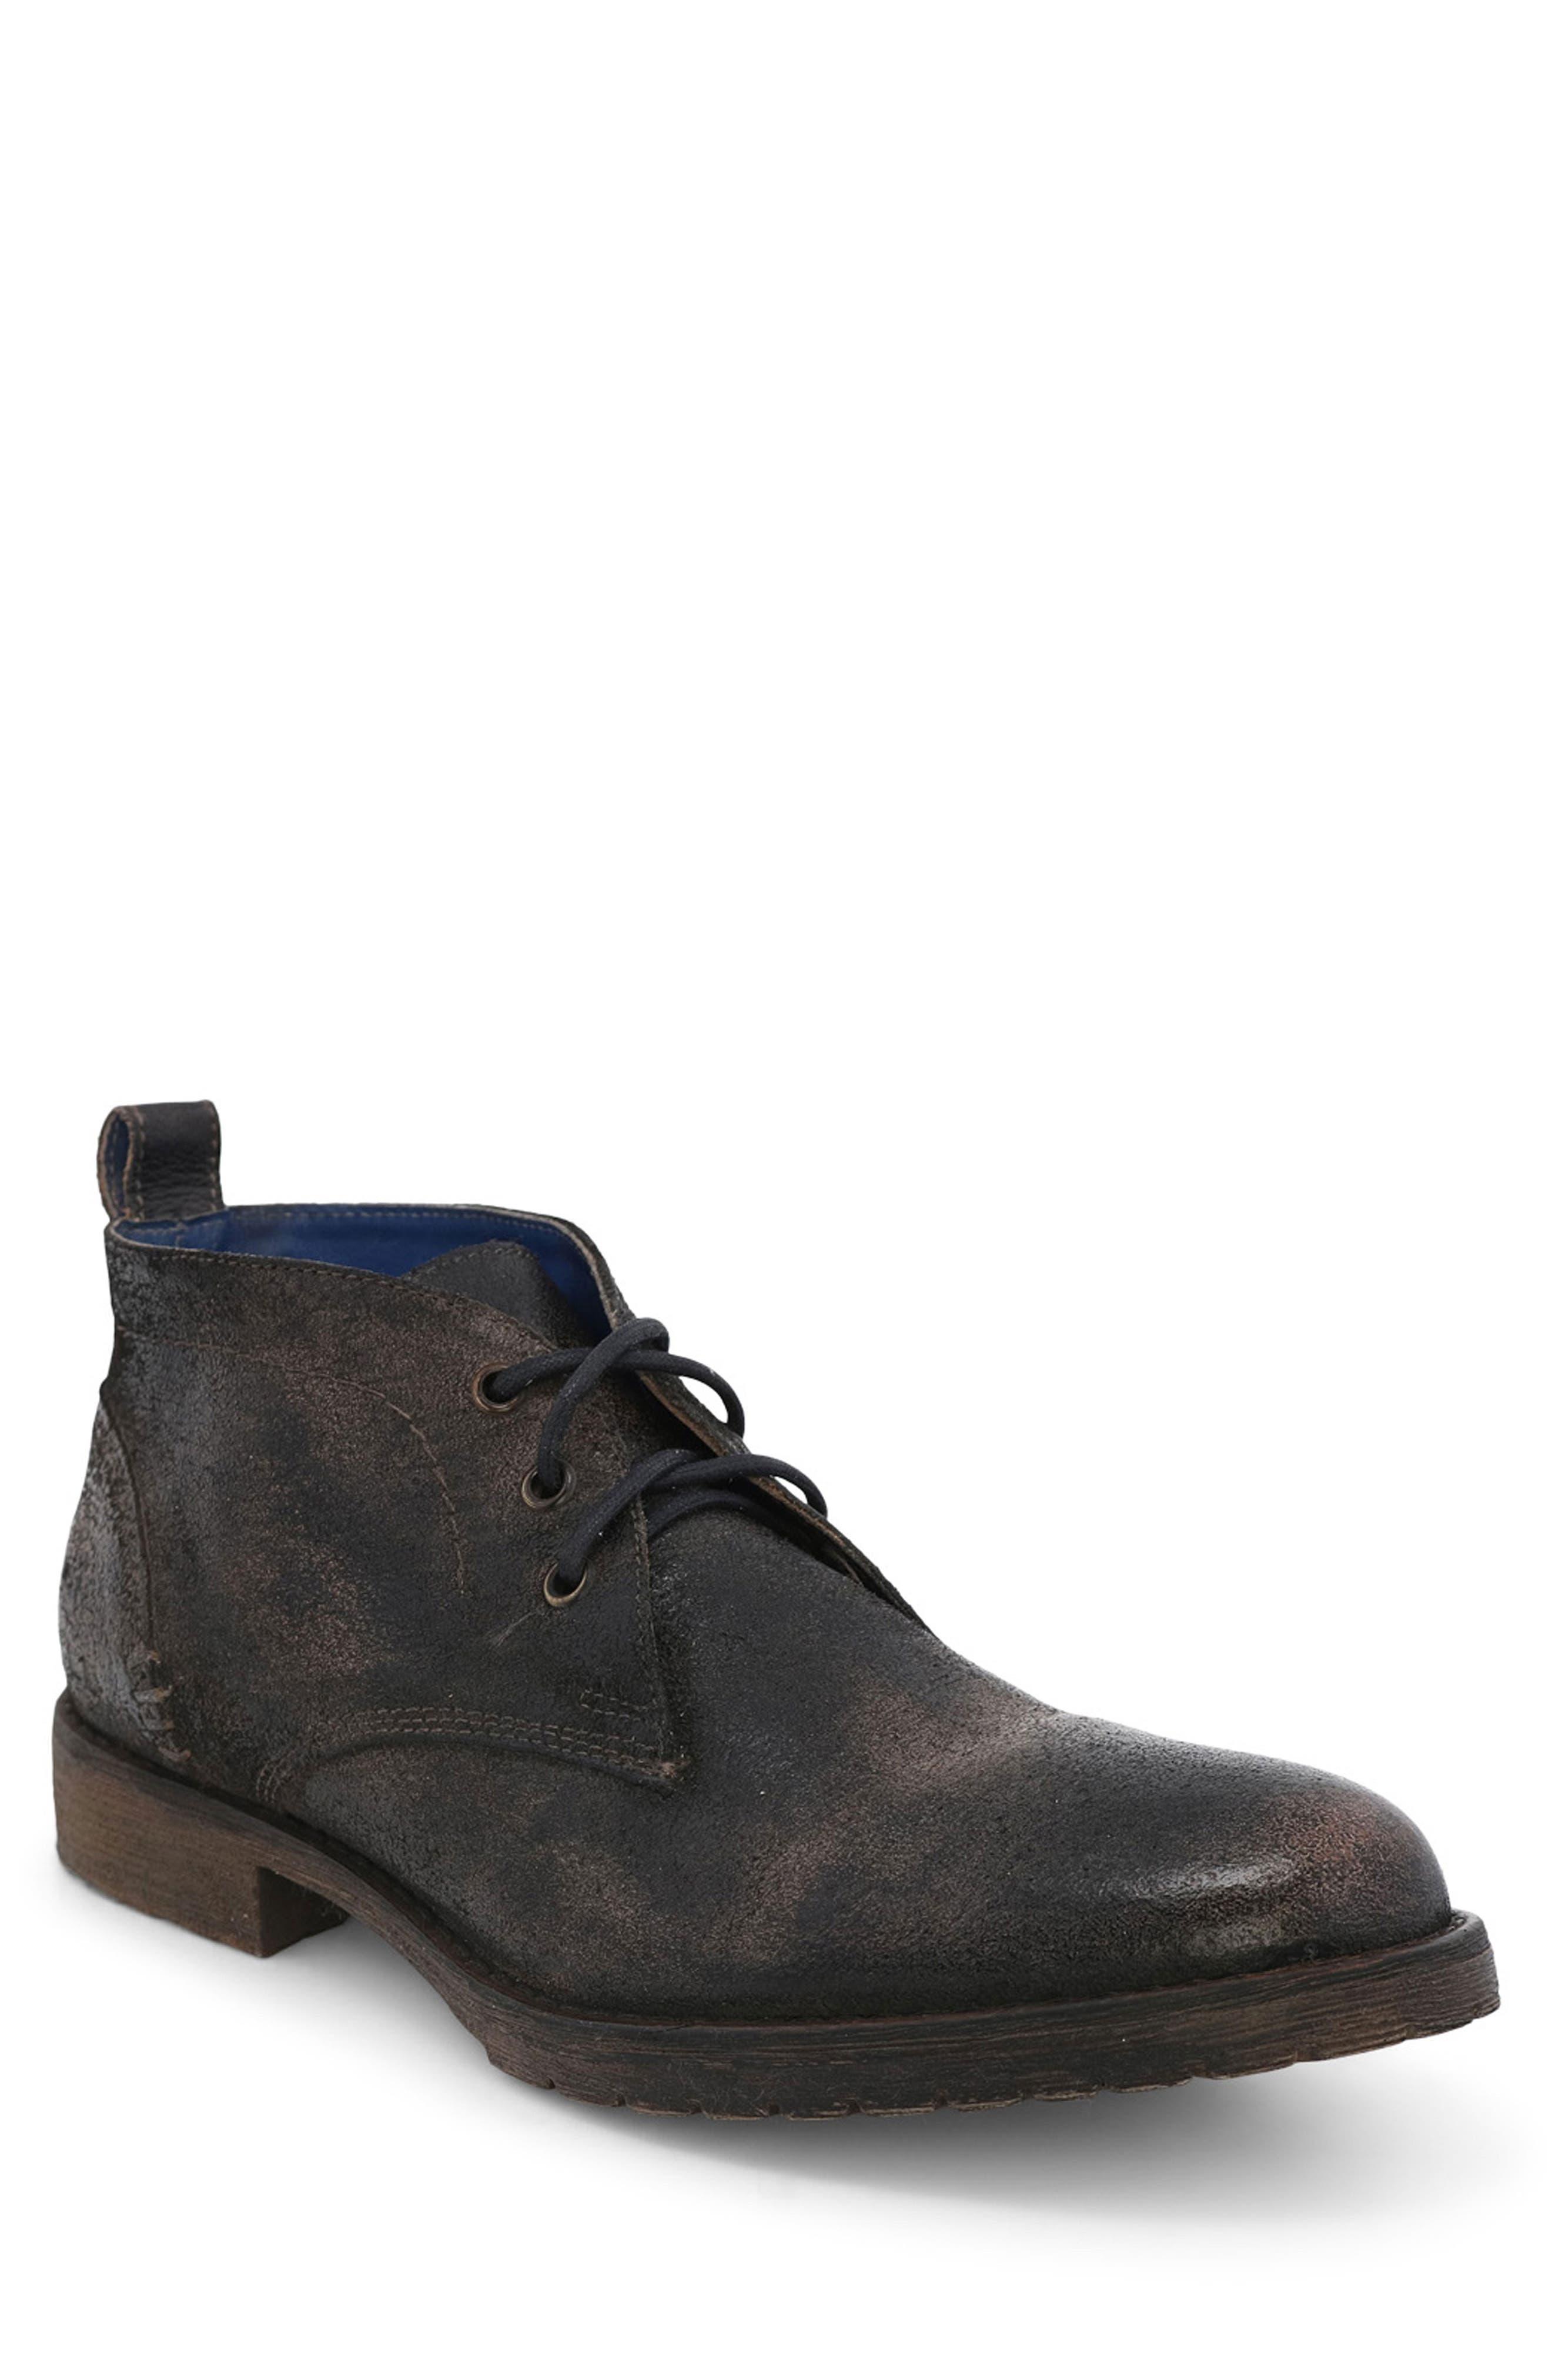 Rayburn Chukka Boot